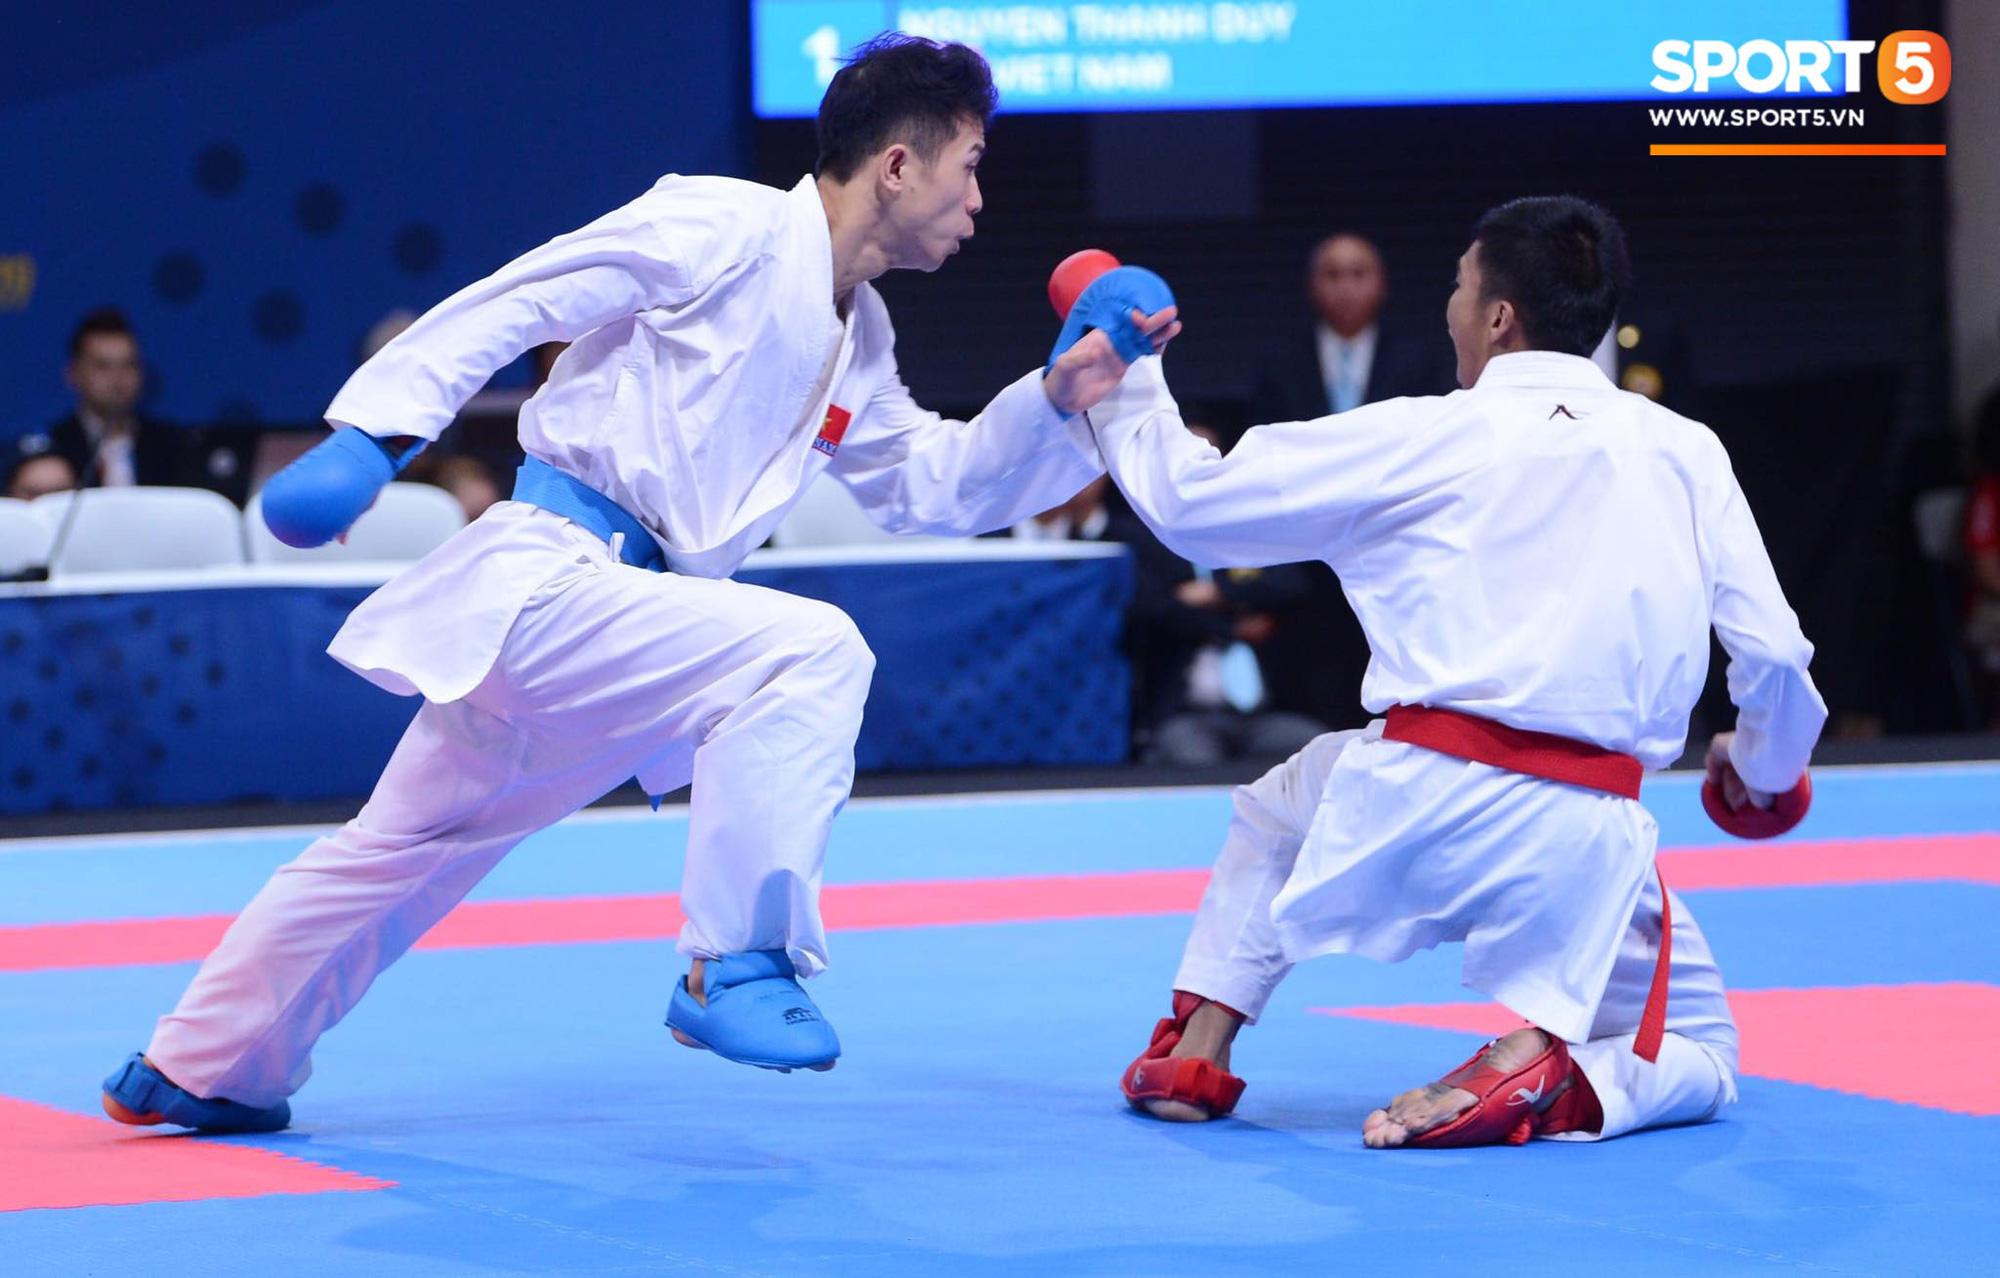 SEA Games ngày 8/12: Nữ hoàng điền kinh Tú Chinh vượt 2 VĐV nhập tịch trong tích tắc, xuất sắc giành HCV chung cuộc - Ảnh 46.